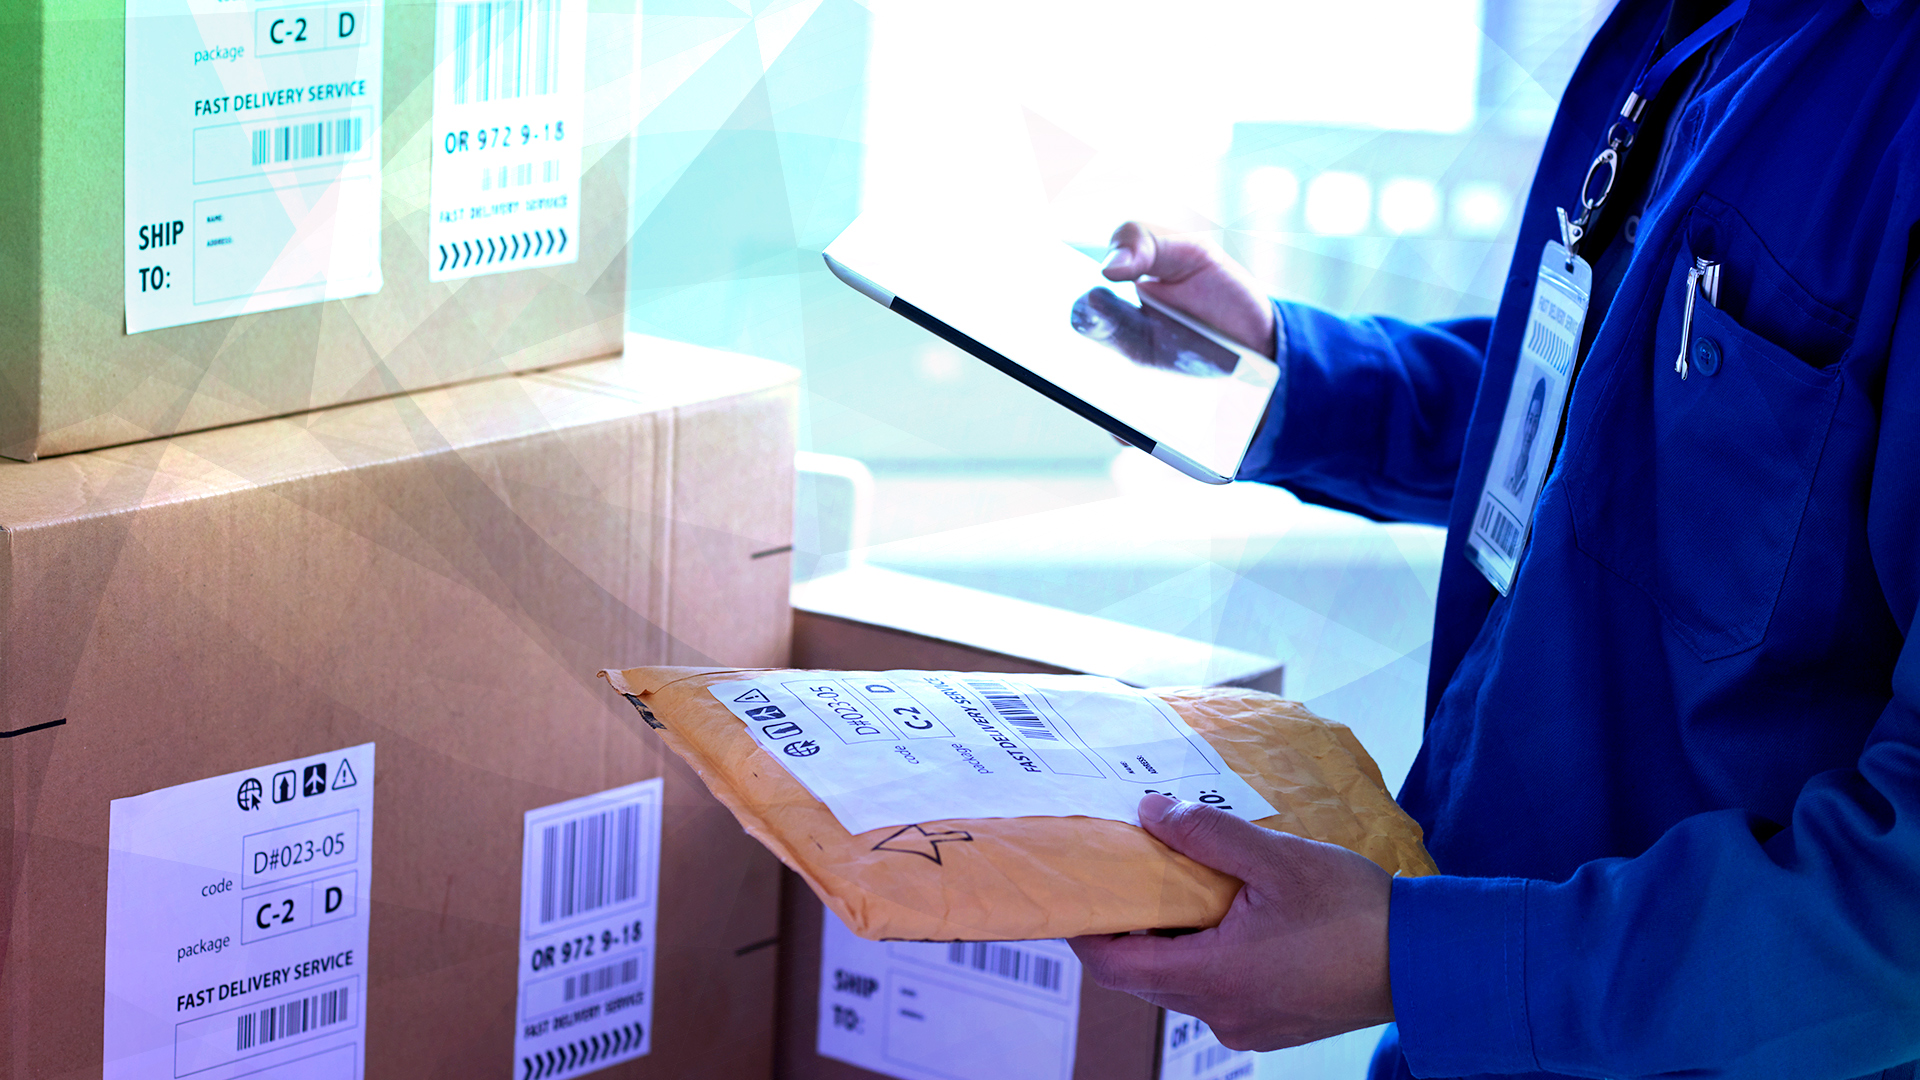 Versand, E-Commerce, shopping, Handel, Versandhandel, Logistik, Paket, Kaufen, Scanner, Logistikzentrum, Pakete, Box, Paketdienst, Adresse, Logistikunternehmen, Paketzentrum, Rücksendung, Versand-Paket, Aufkleber, Lable, Umschlag